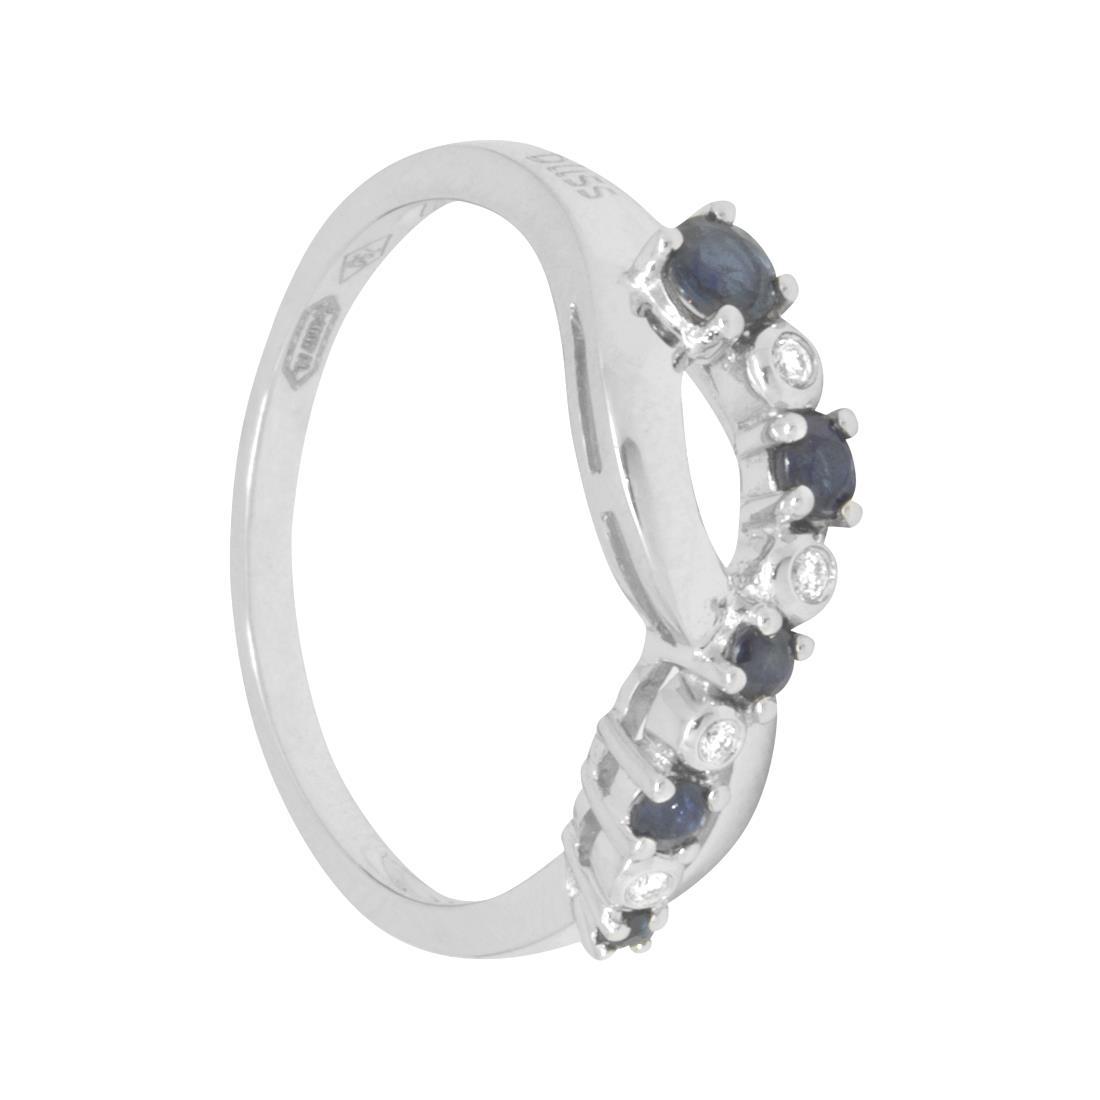 Anello in oro bianco con diamanti ct 0.03 e zaffiri ct 0.34, misura 14,5 - BLISS